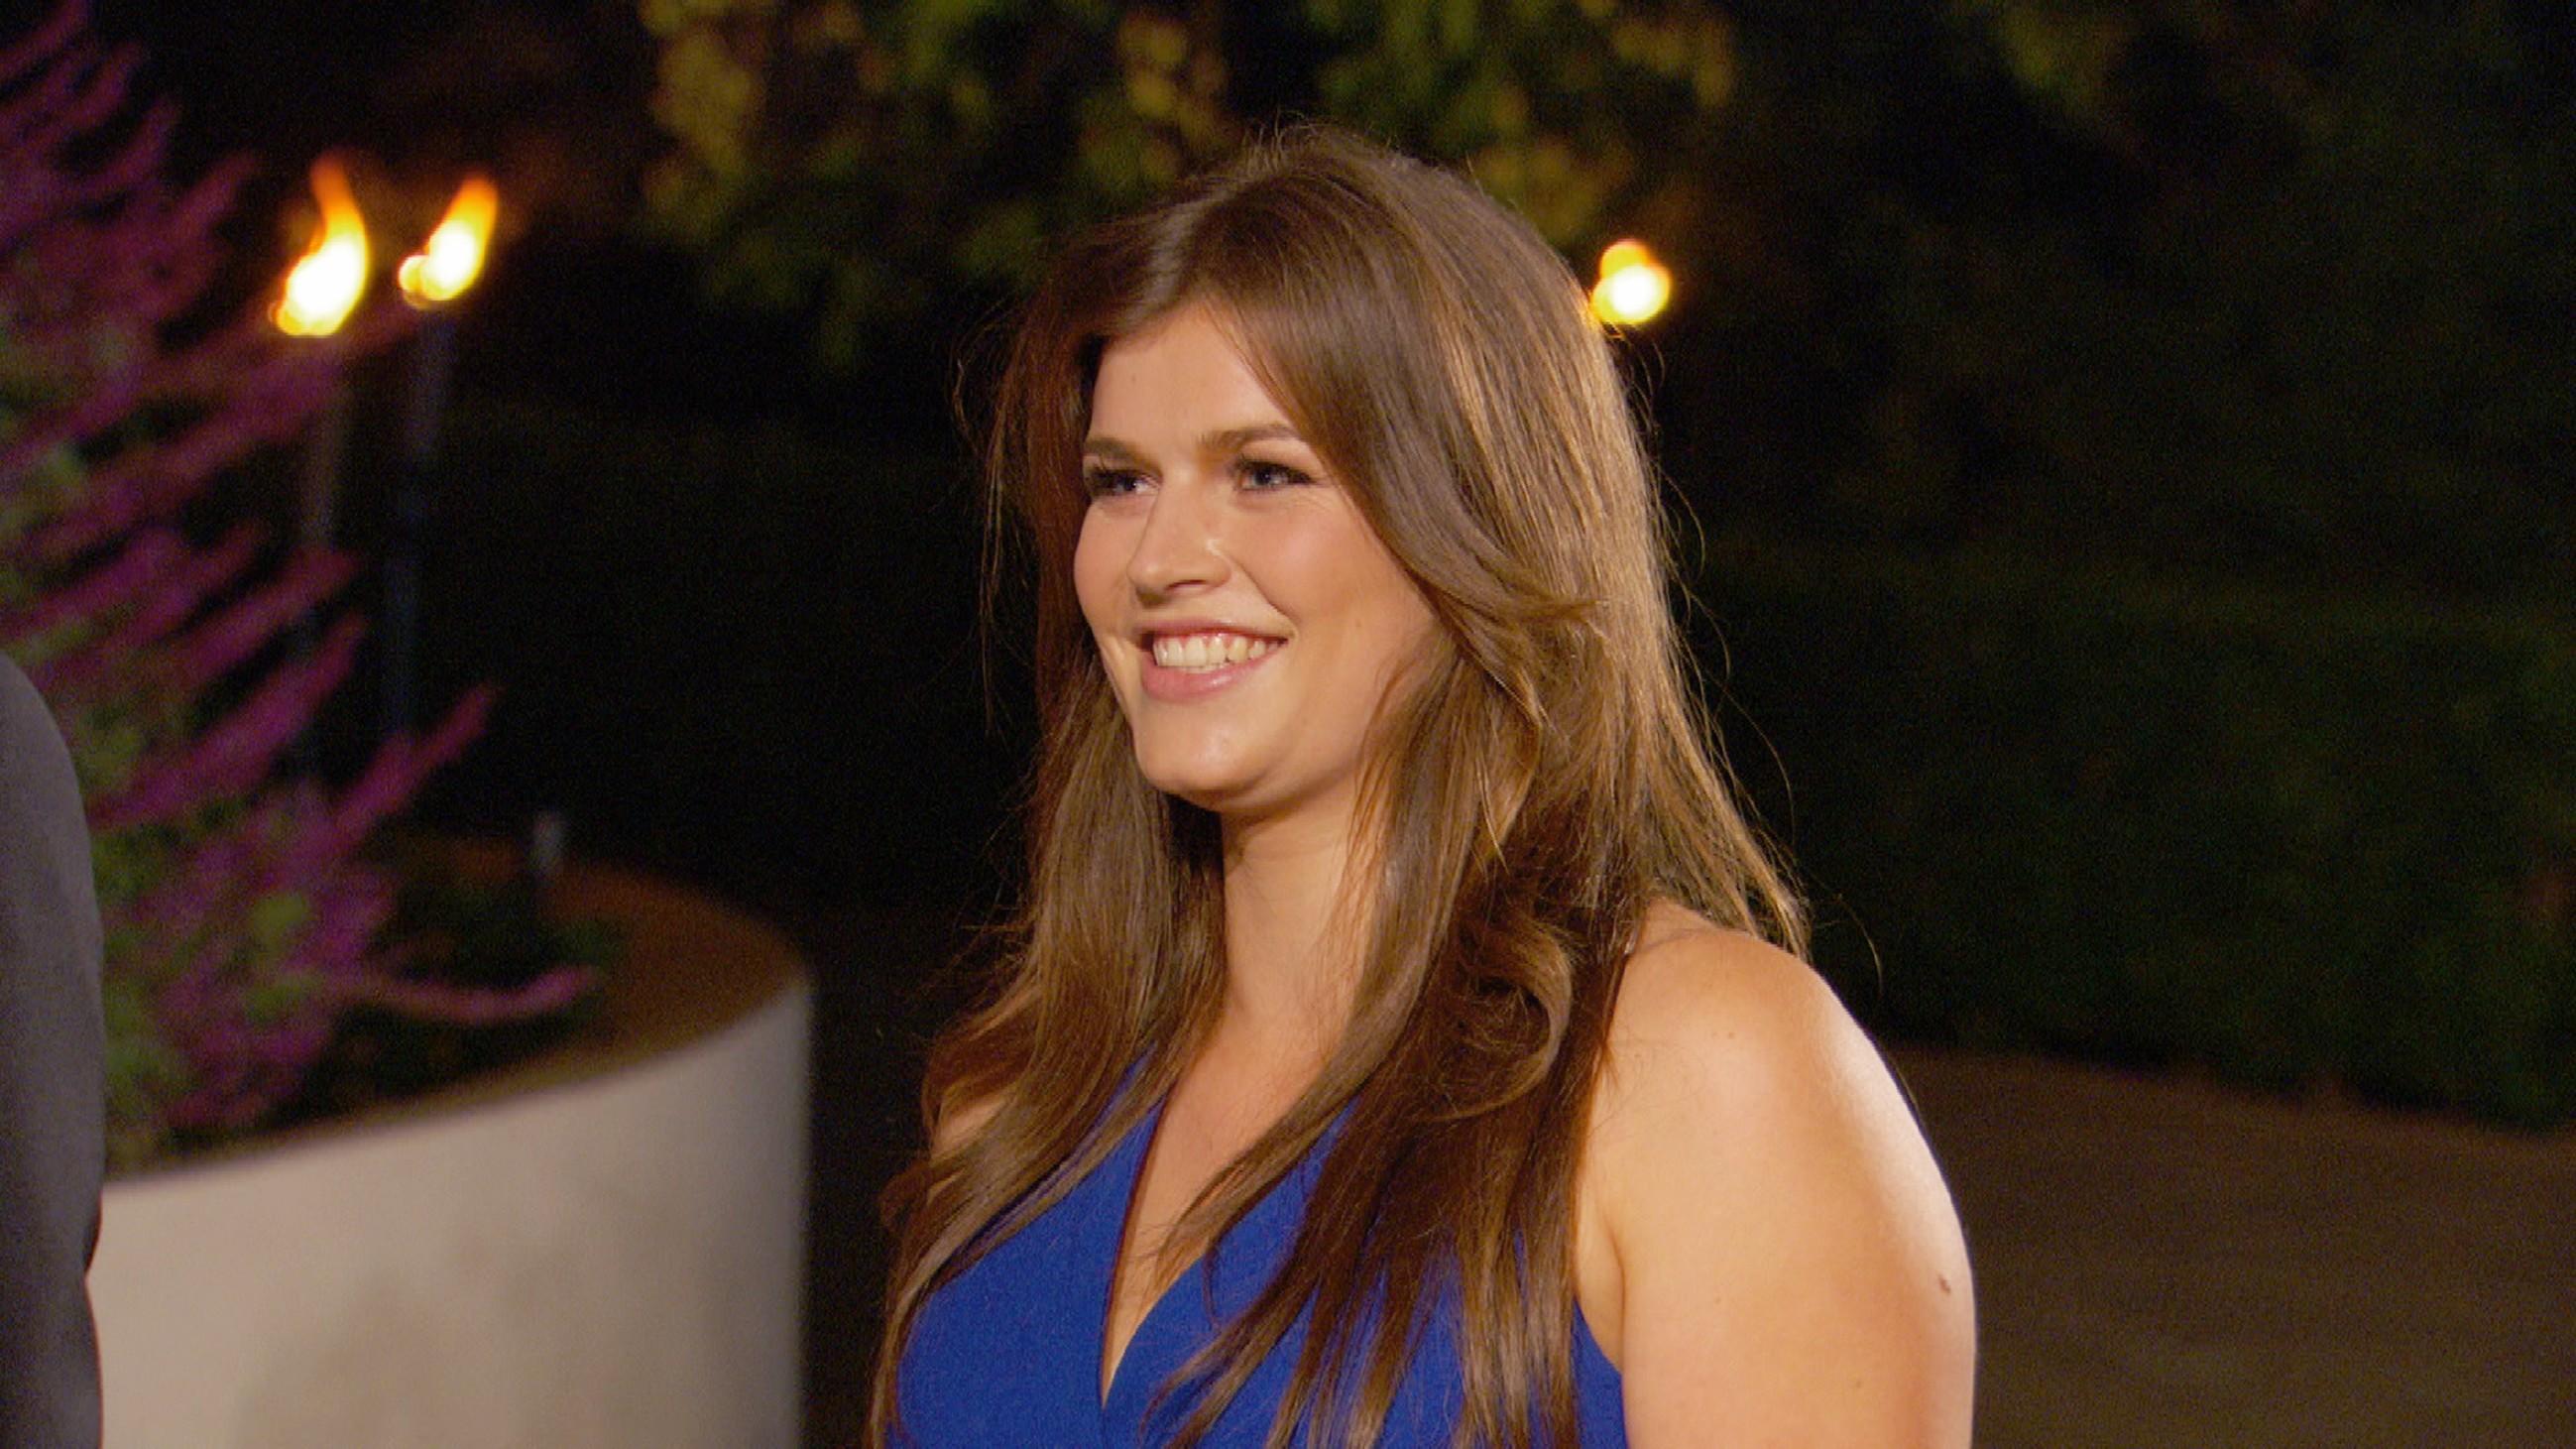 Der Bachelor 2015 - Folge 1 - Lisa